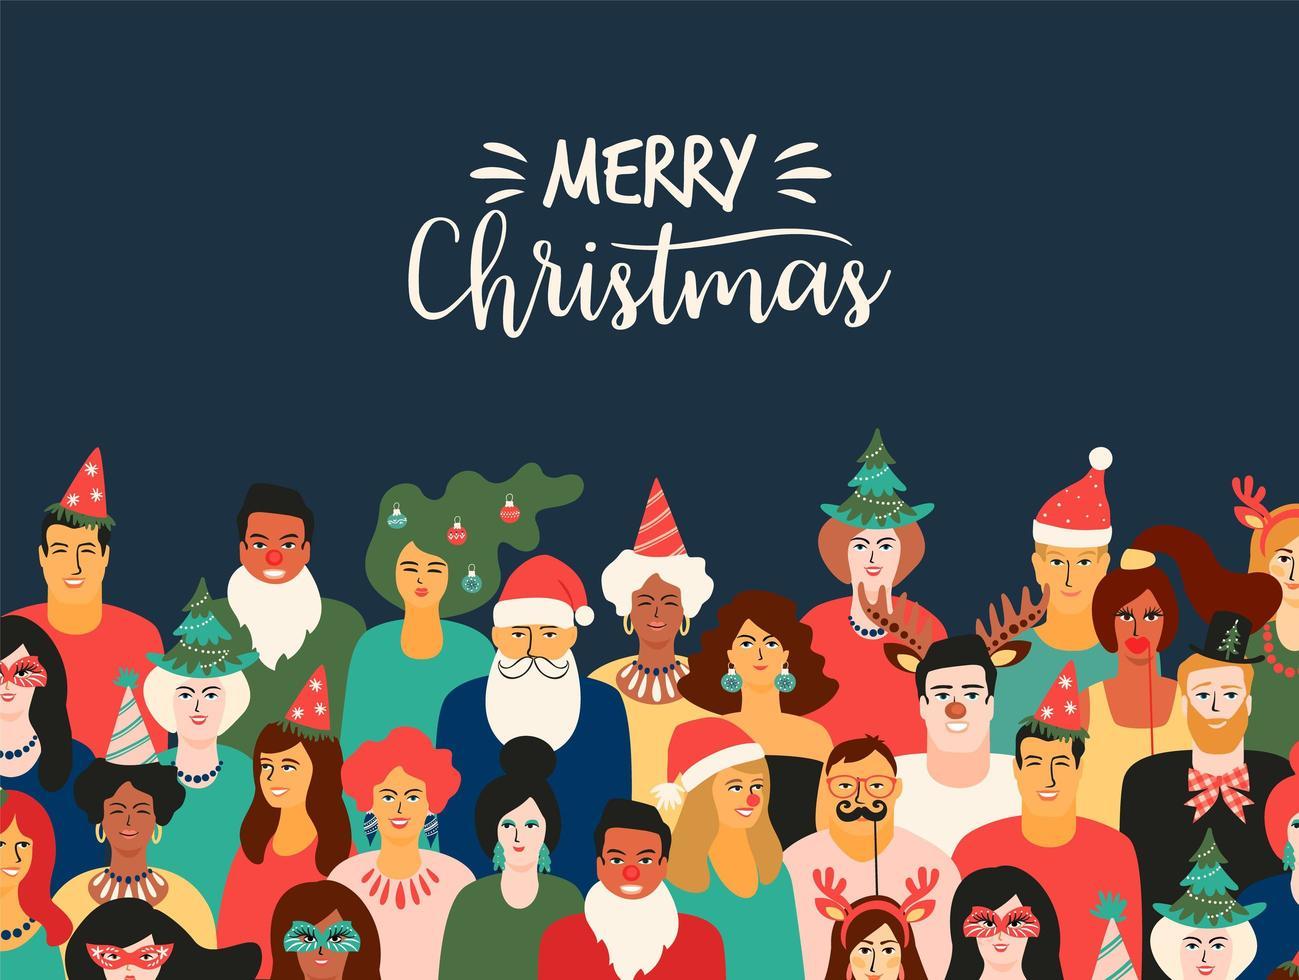 Kerstmis en gelukkig Nieuwjaar illustratie met grappige mensen. vector